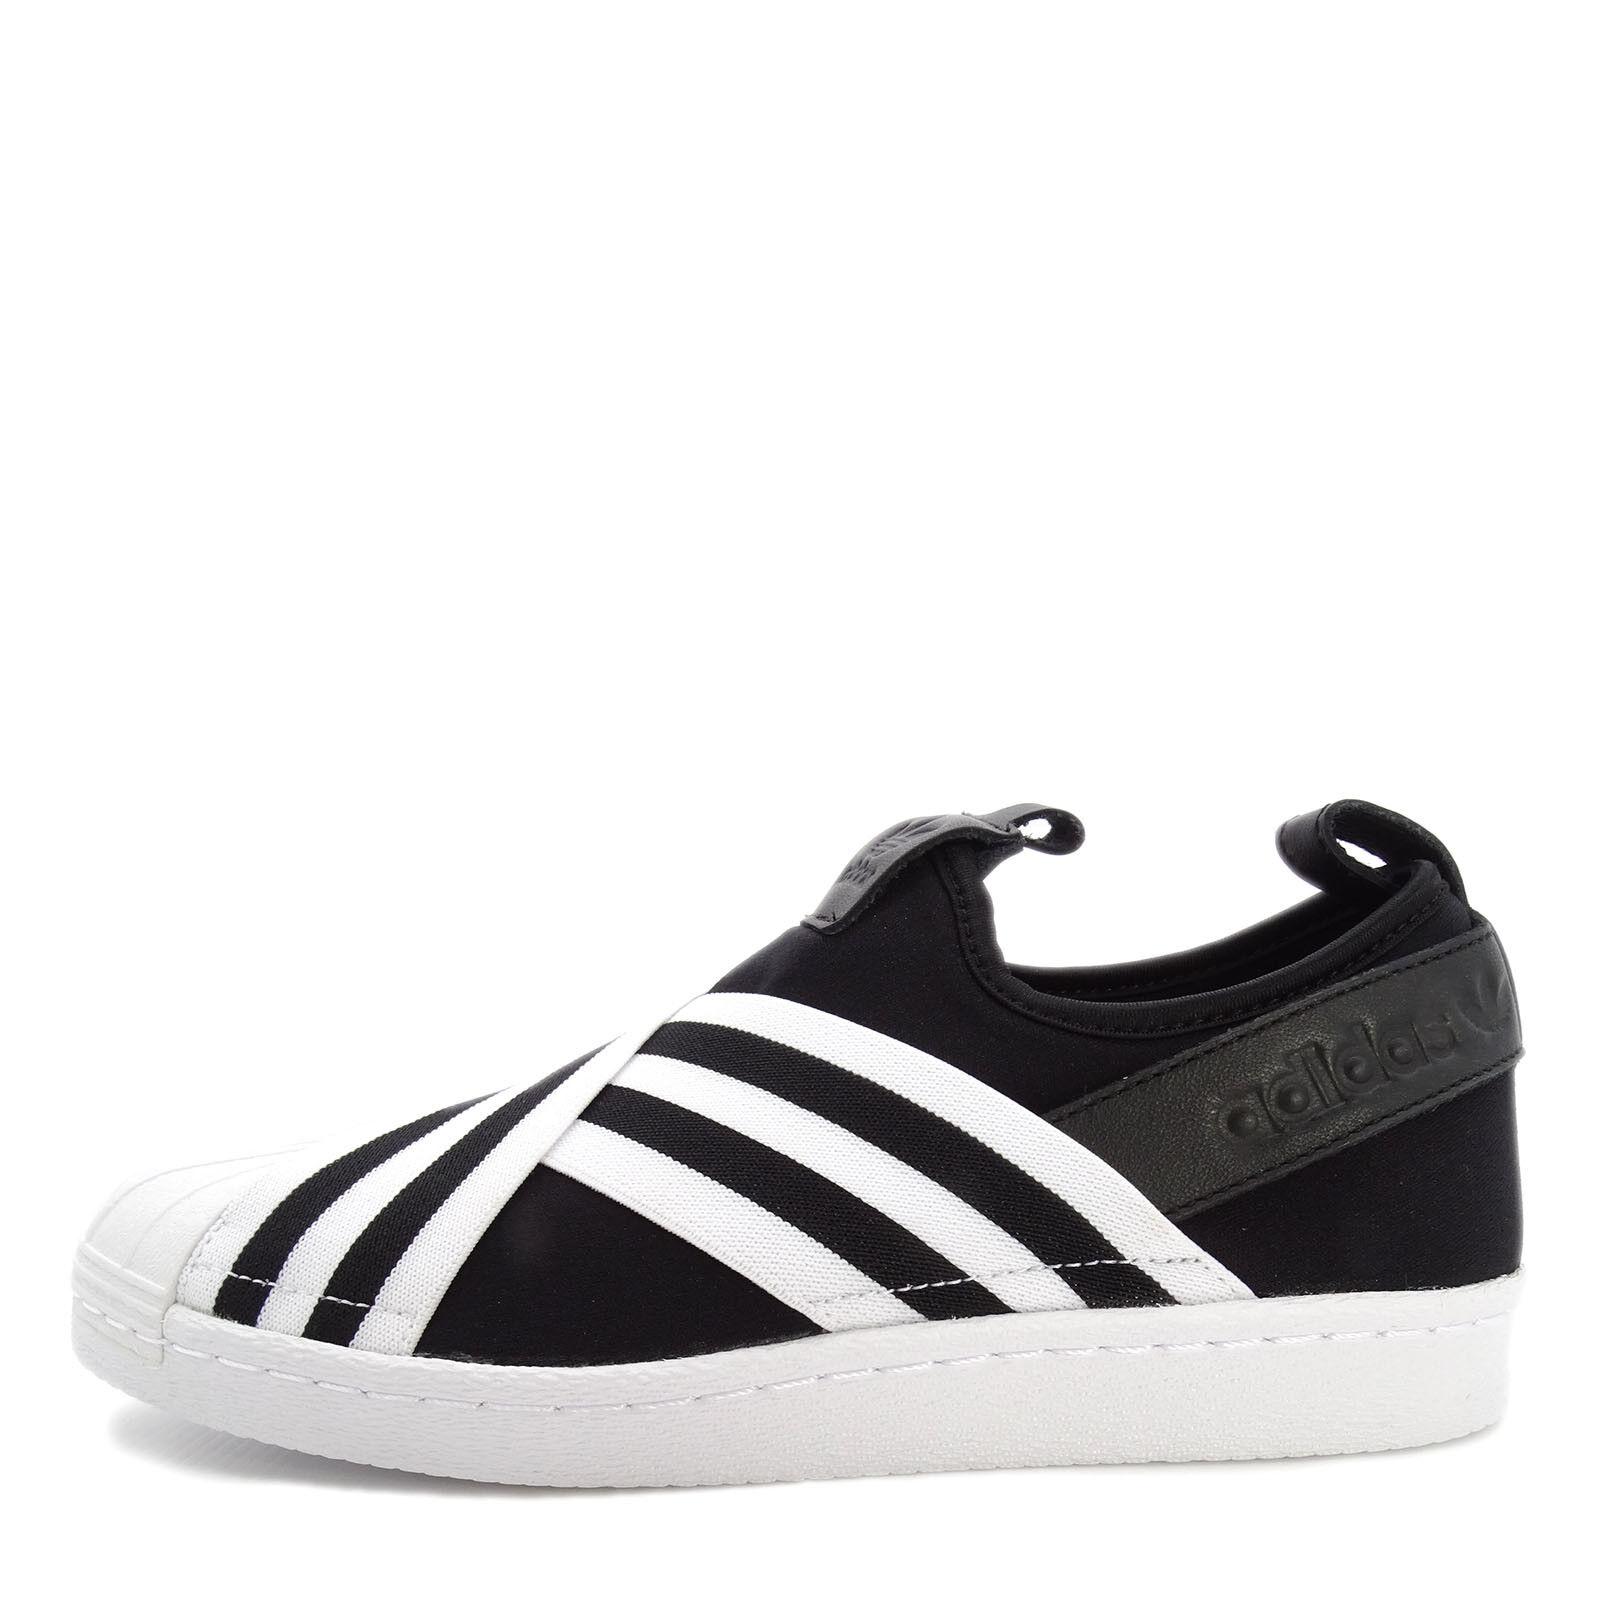 Adidas w originals superstar slipon w Adidas [ac8582] frauen casual schuhen schwarz / weiß 42f3e9